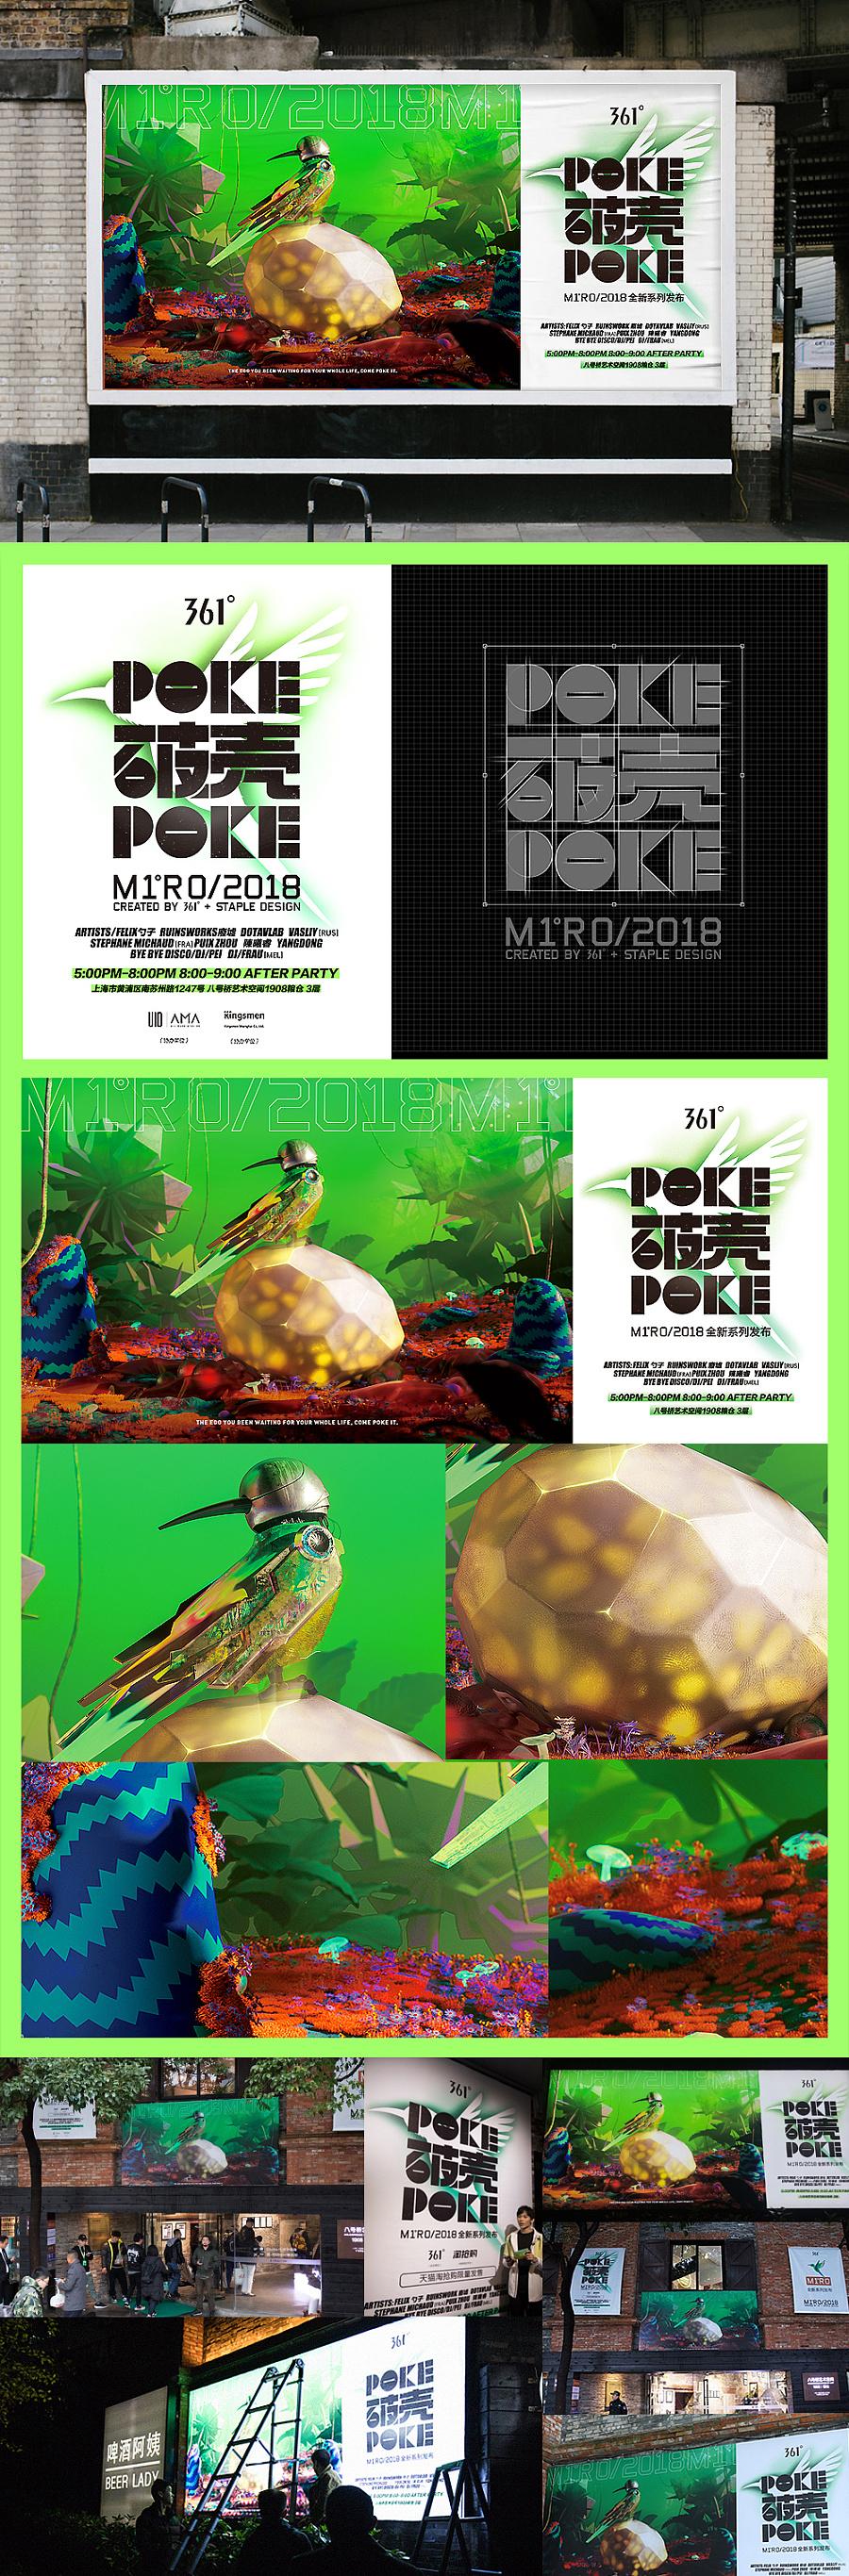 查看《M1°RO「破壳而出」潮流艺术展与新品发布会》原图,原图尺寸:1000x3035